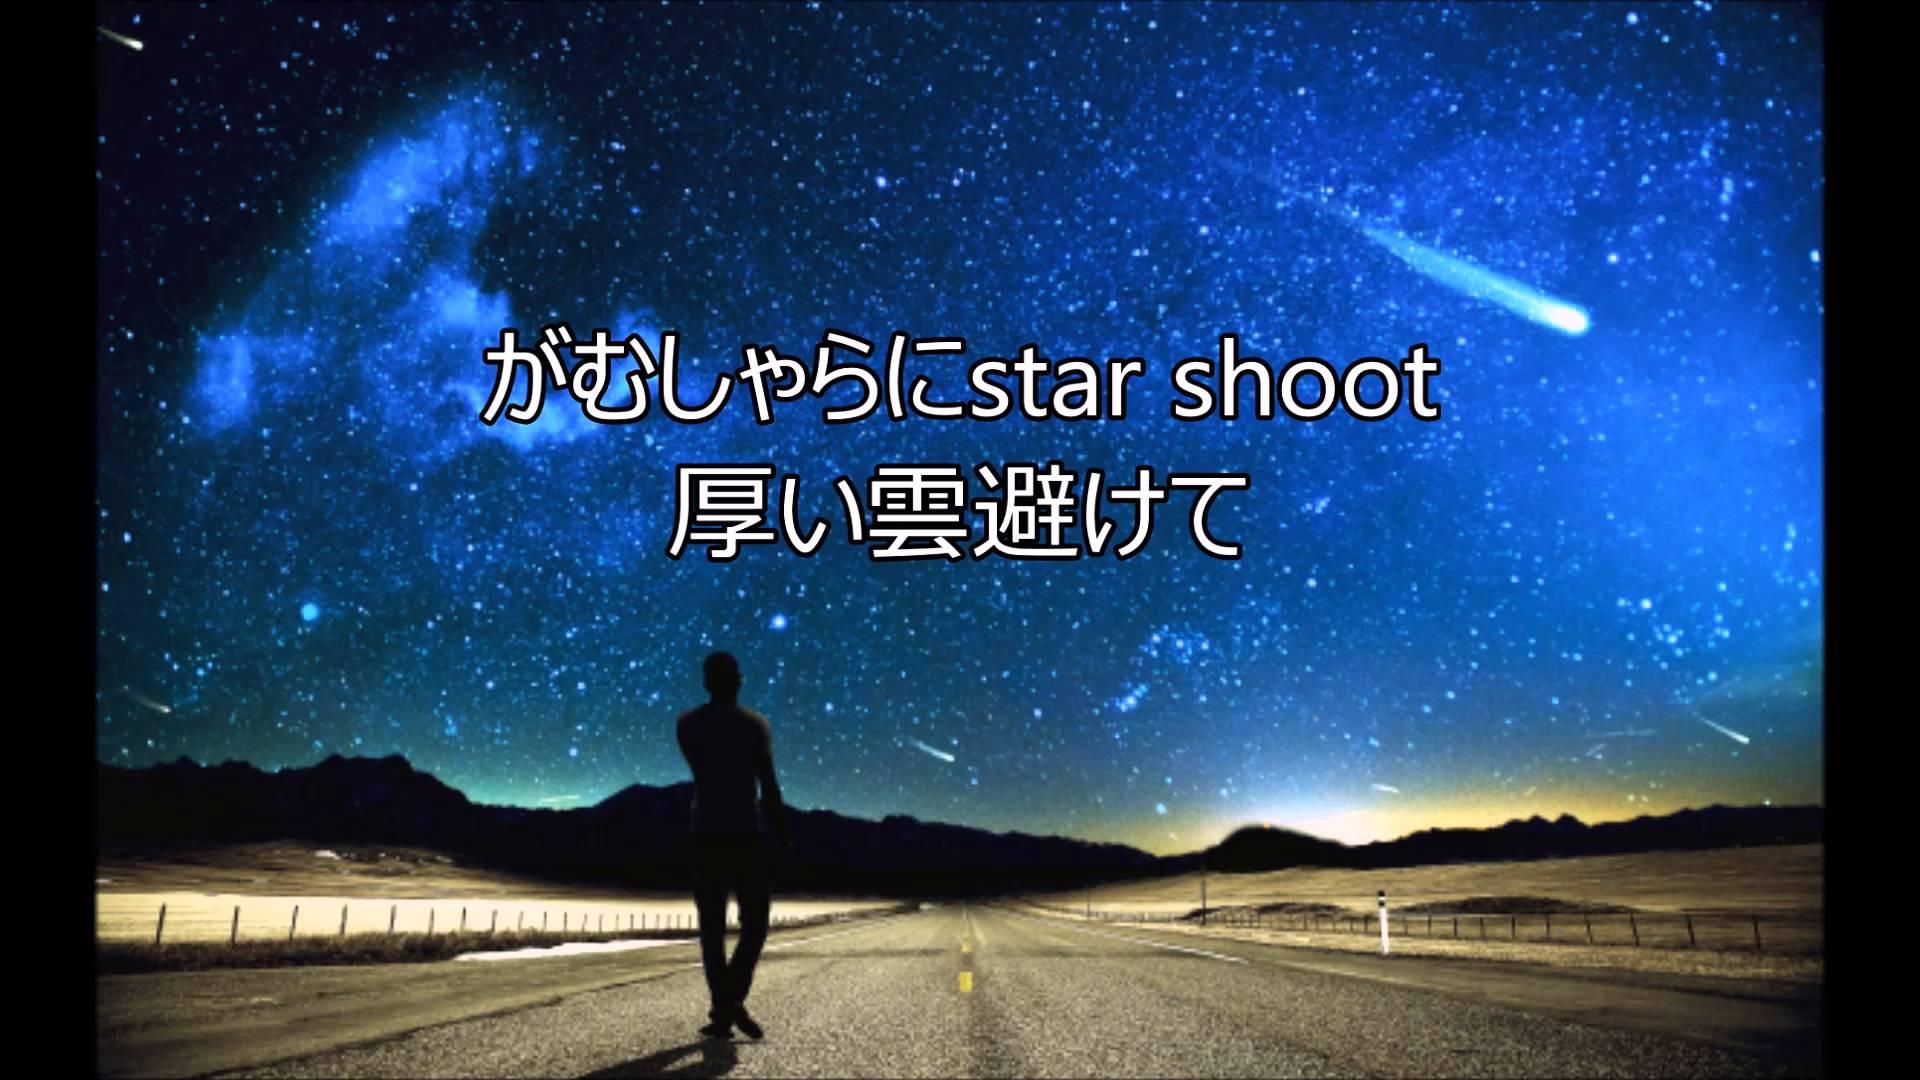 太鼓の達人 super star shooter 聞き取り歌詞